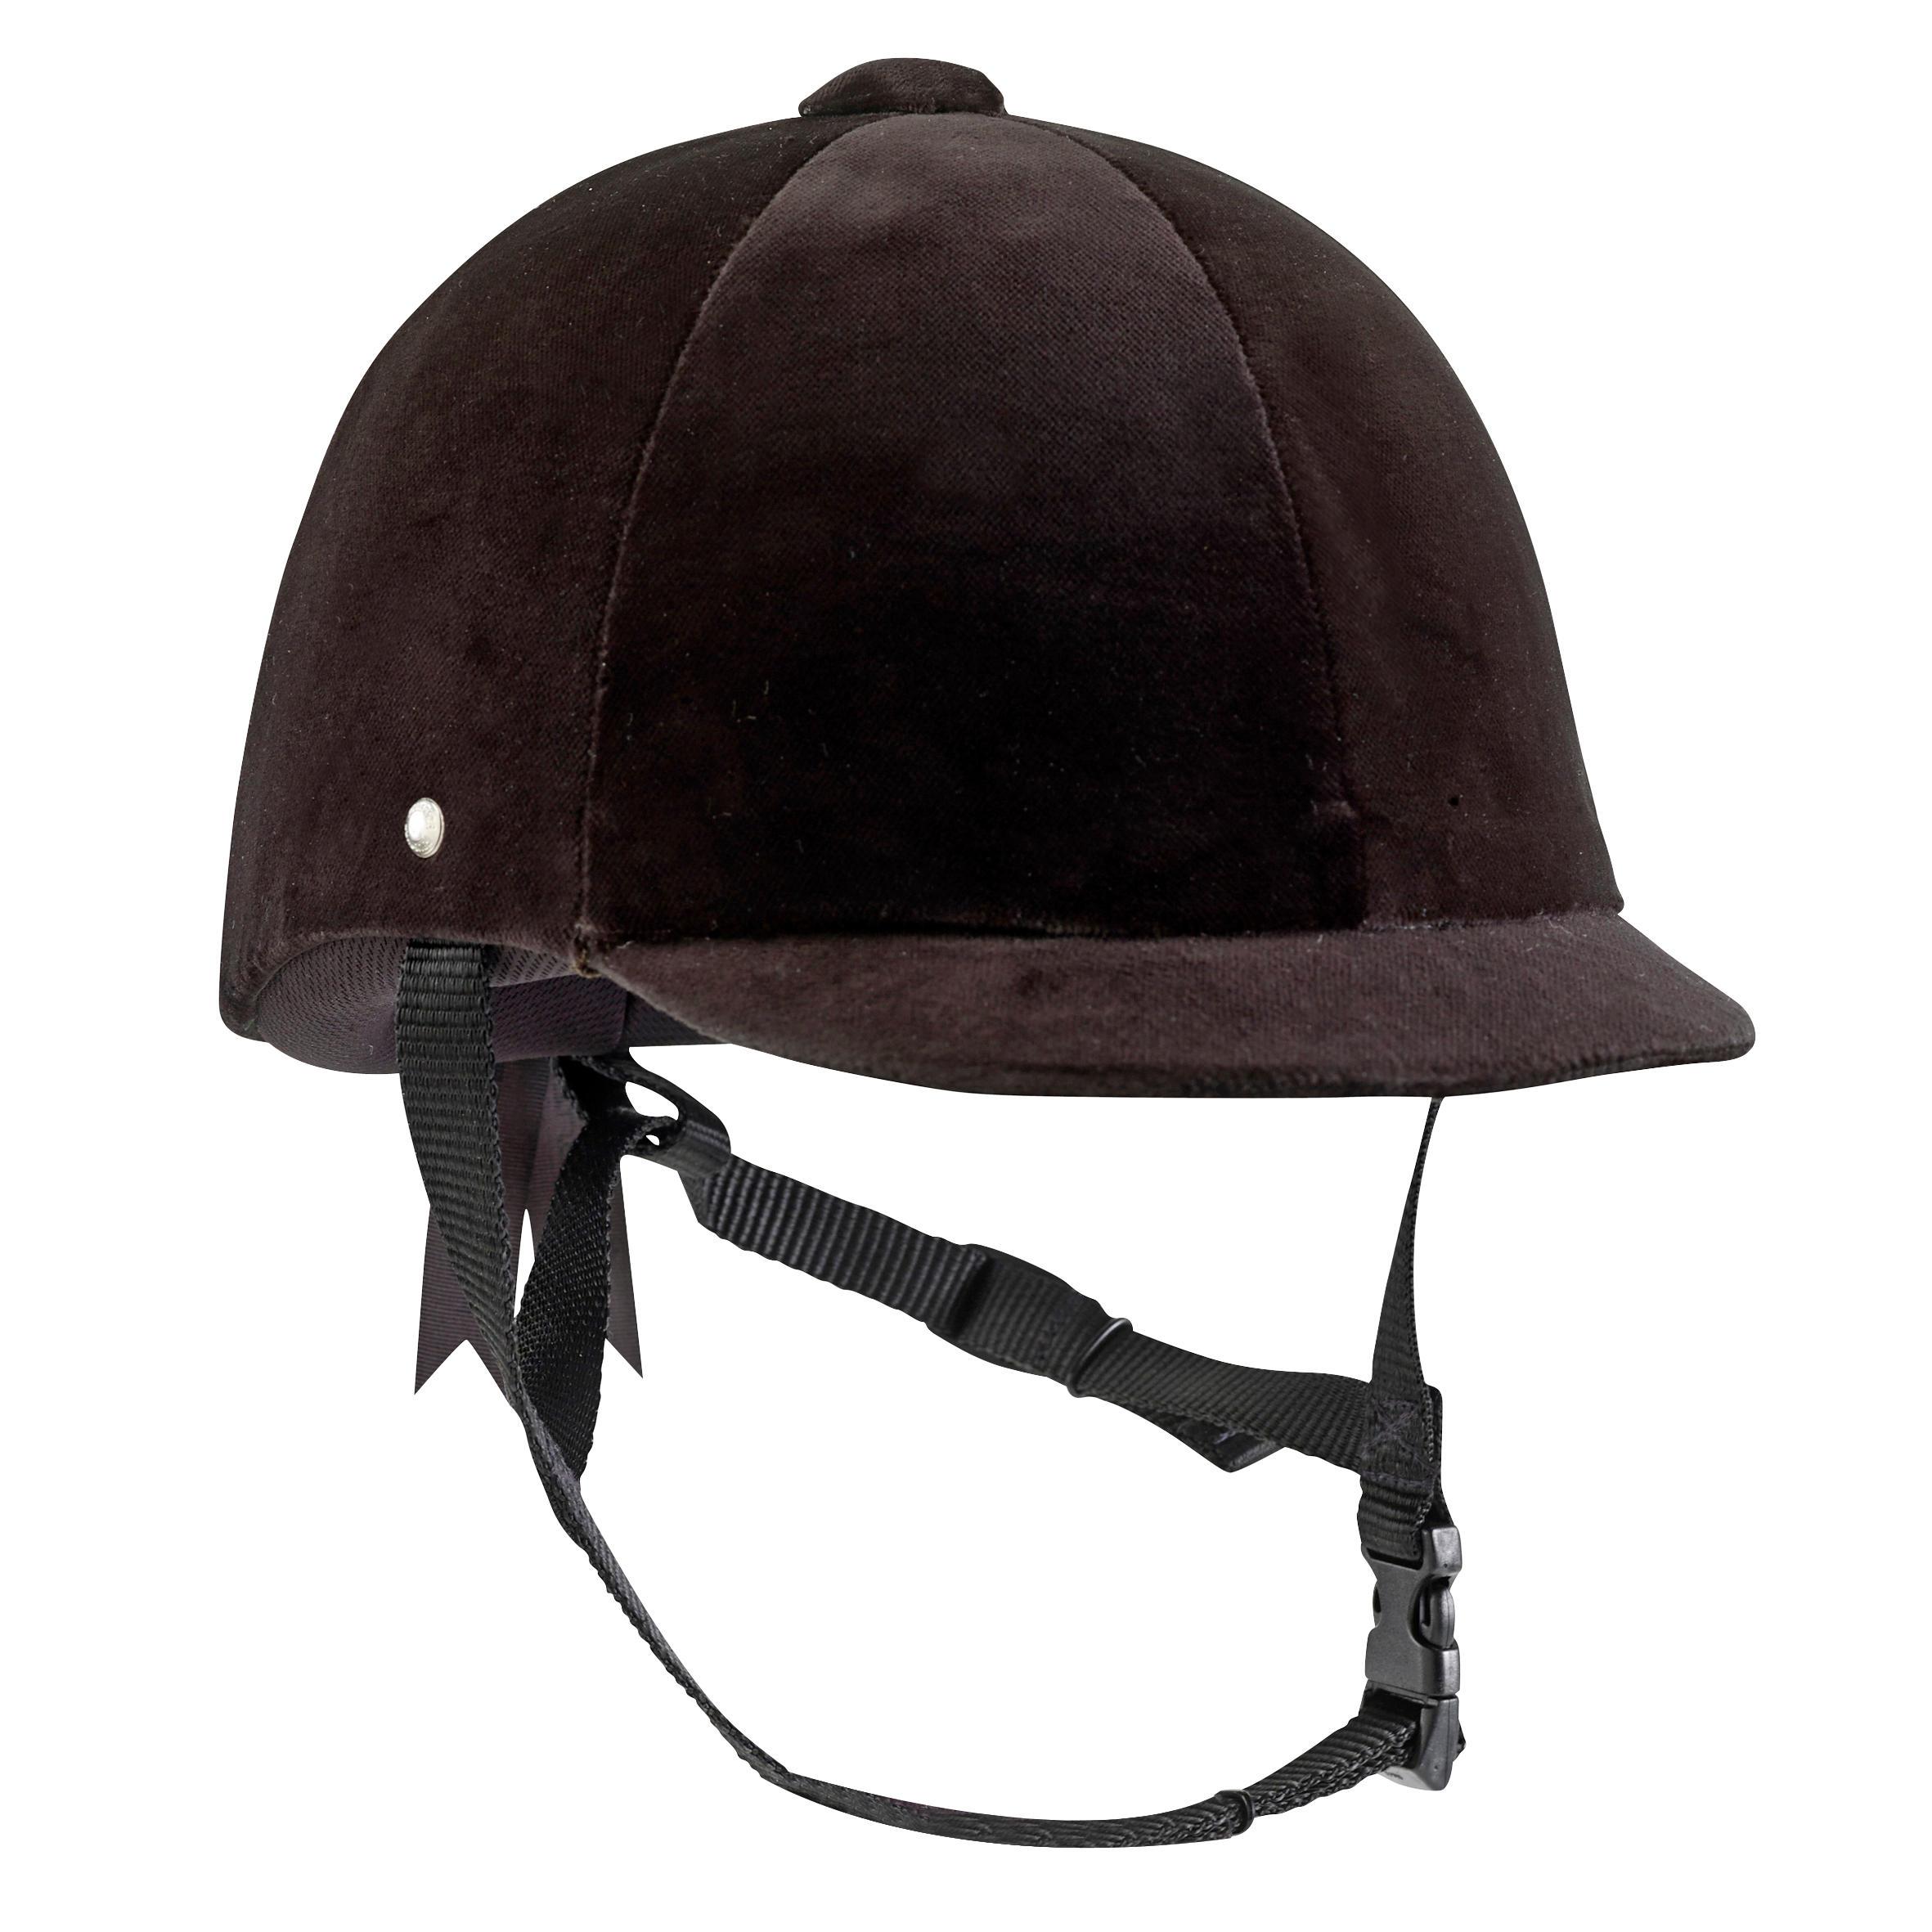 Fouganza Paardrijcap C400 fluweel zwart maat 52 tot 59 cm